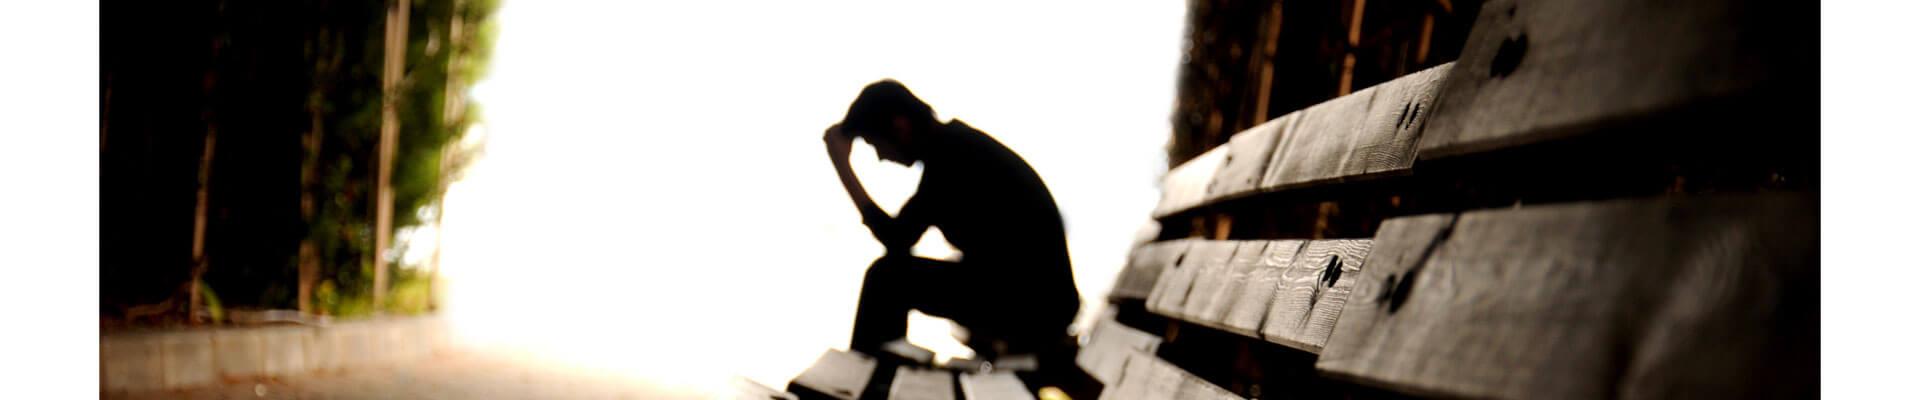 psykiske seksuelle problemer efter prostatakræft Else O